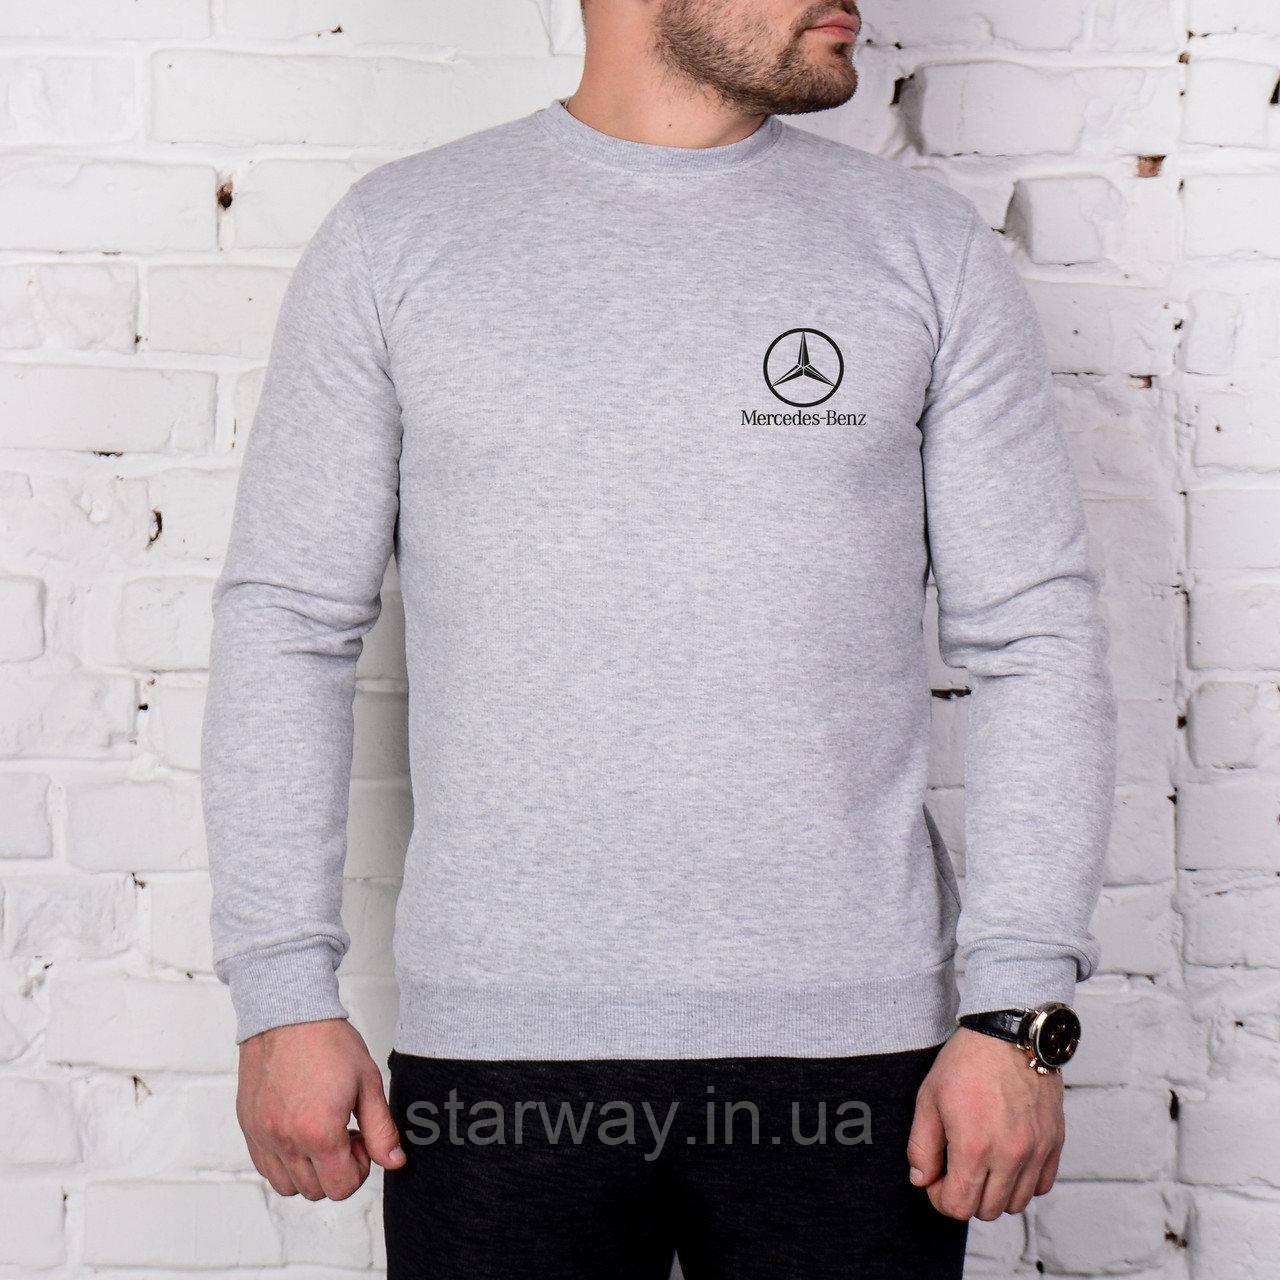 Свитшот серый принт Mercedes Benz | Кофта стильная